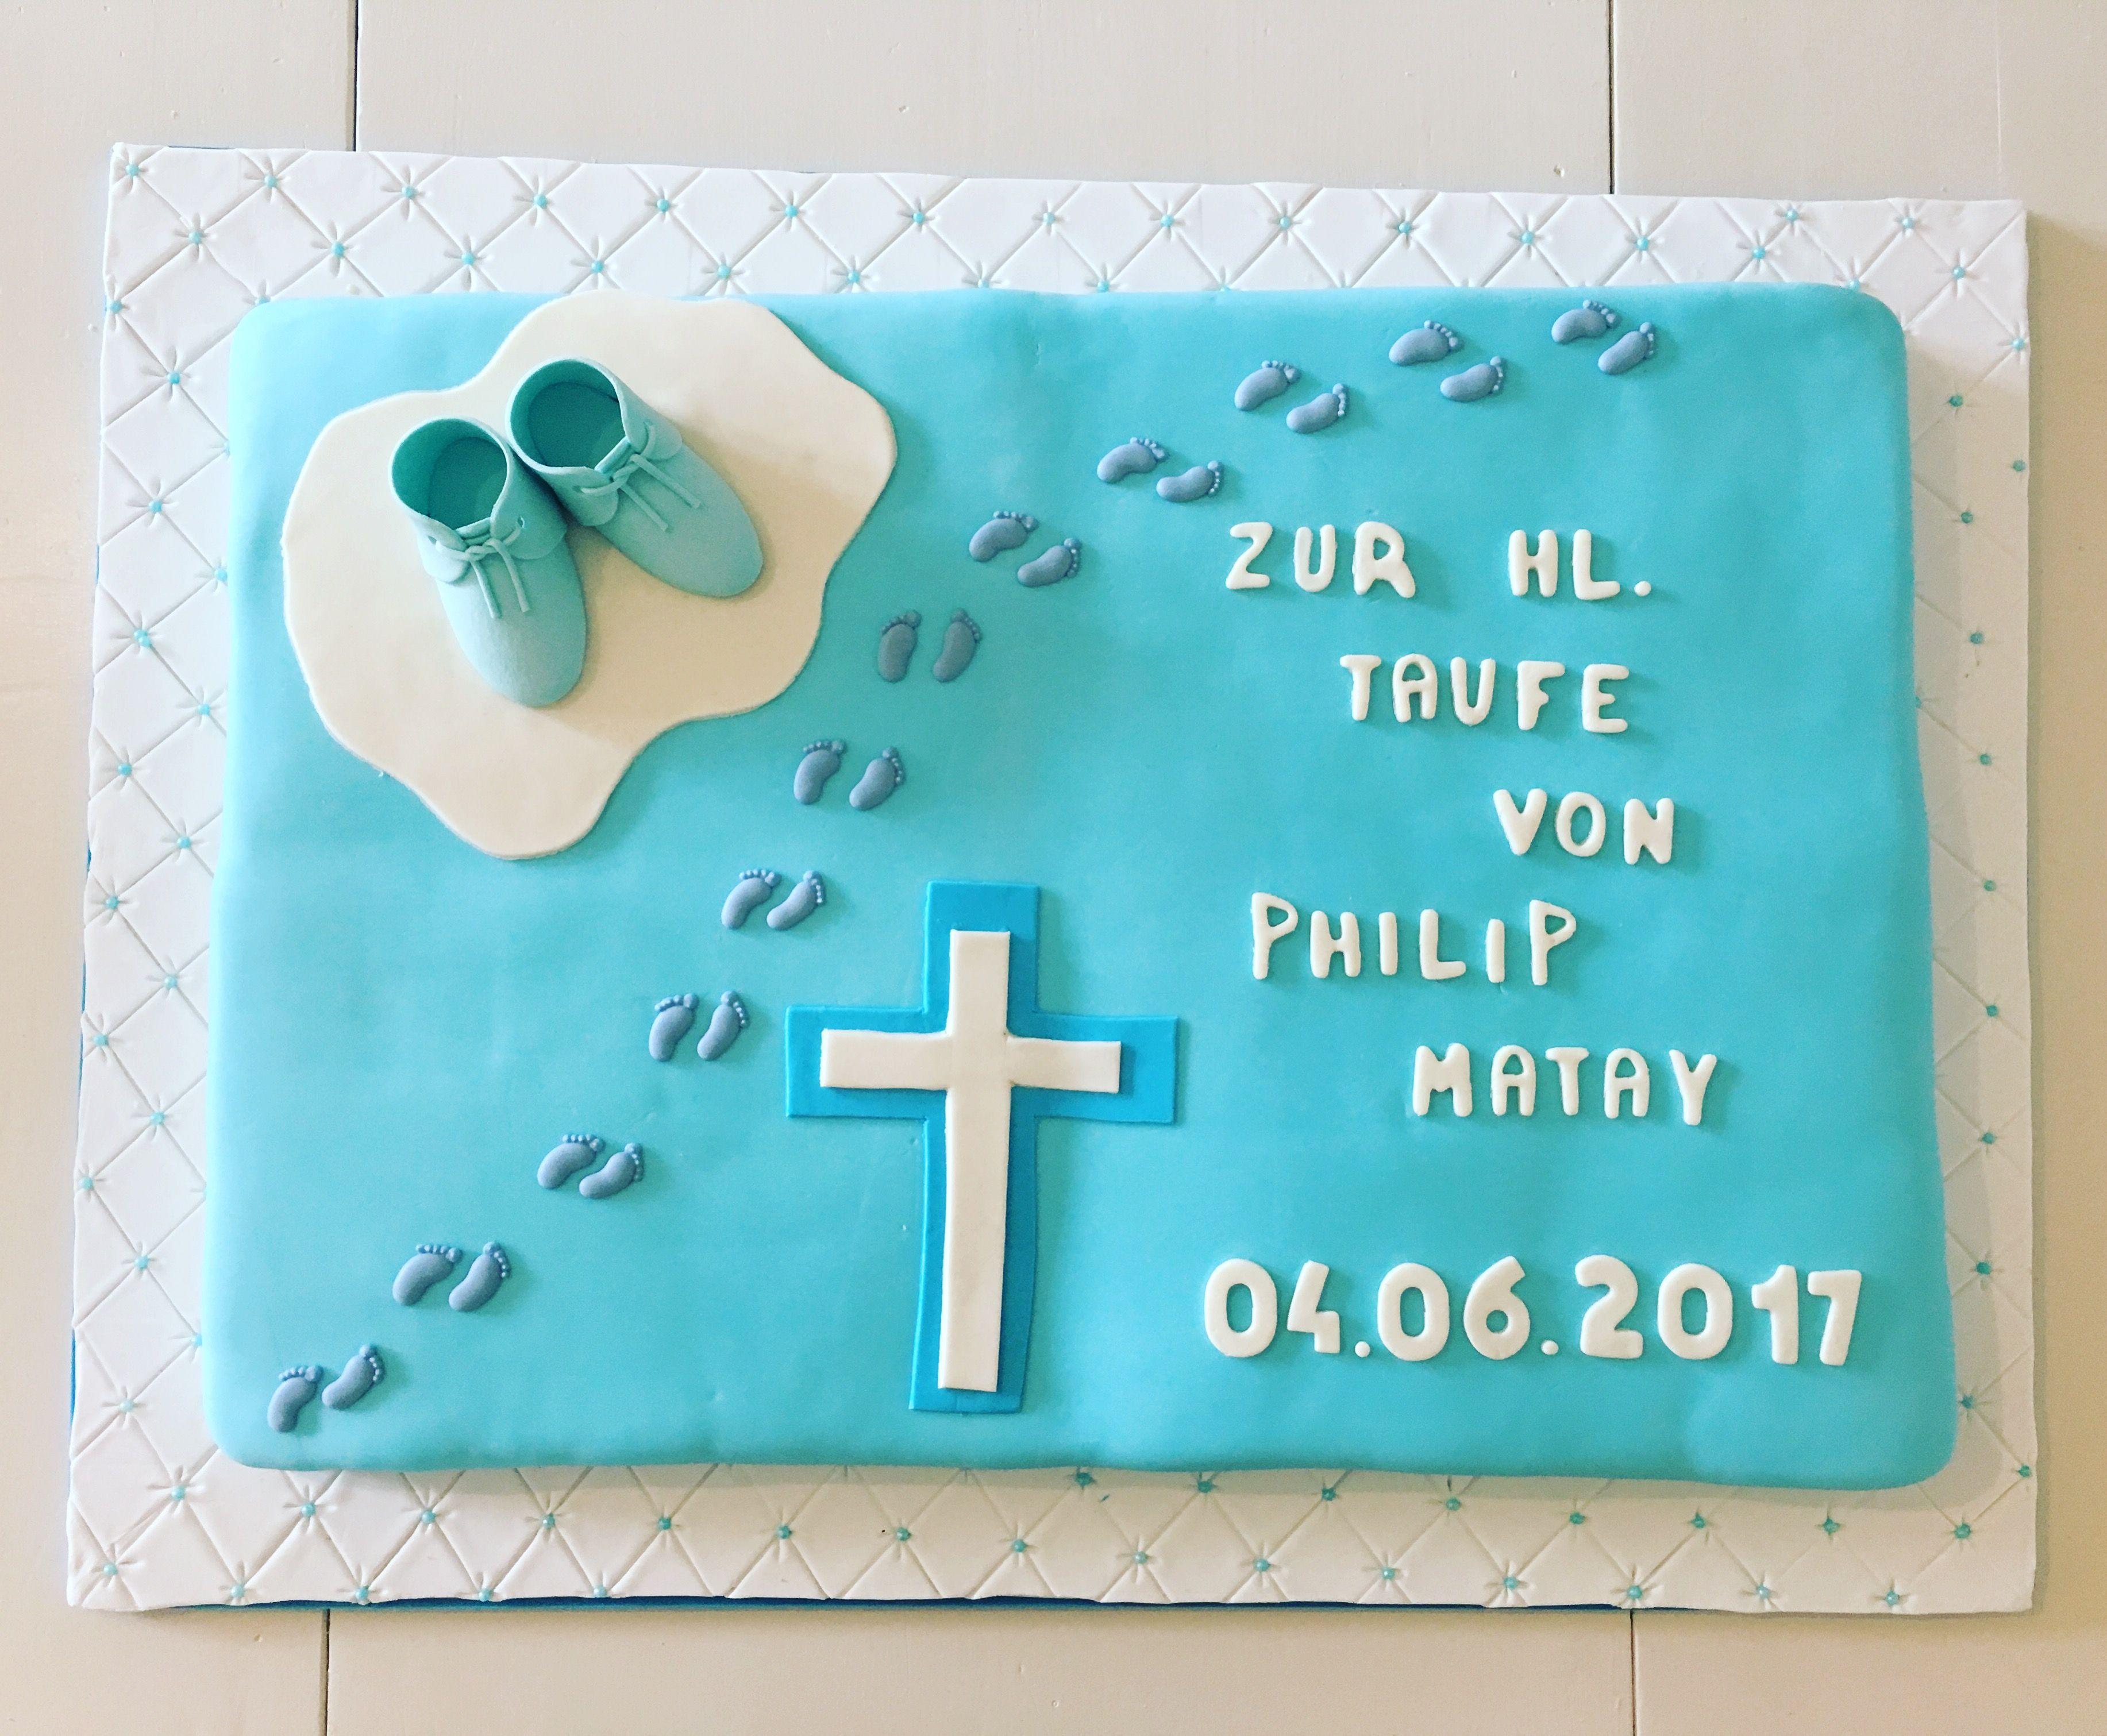 Diese torte ist zur taufe von philip matay tauftorte for Torte zur taufe selber machen